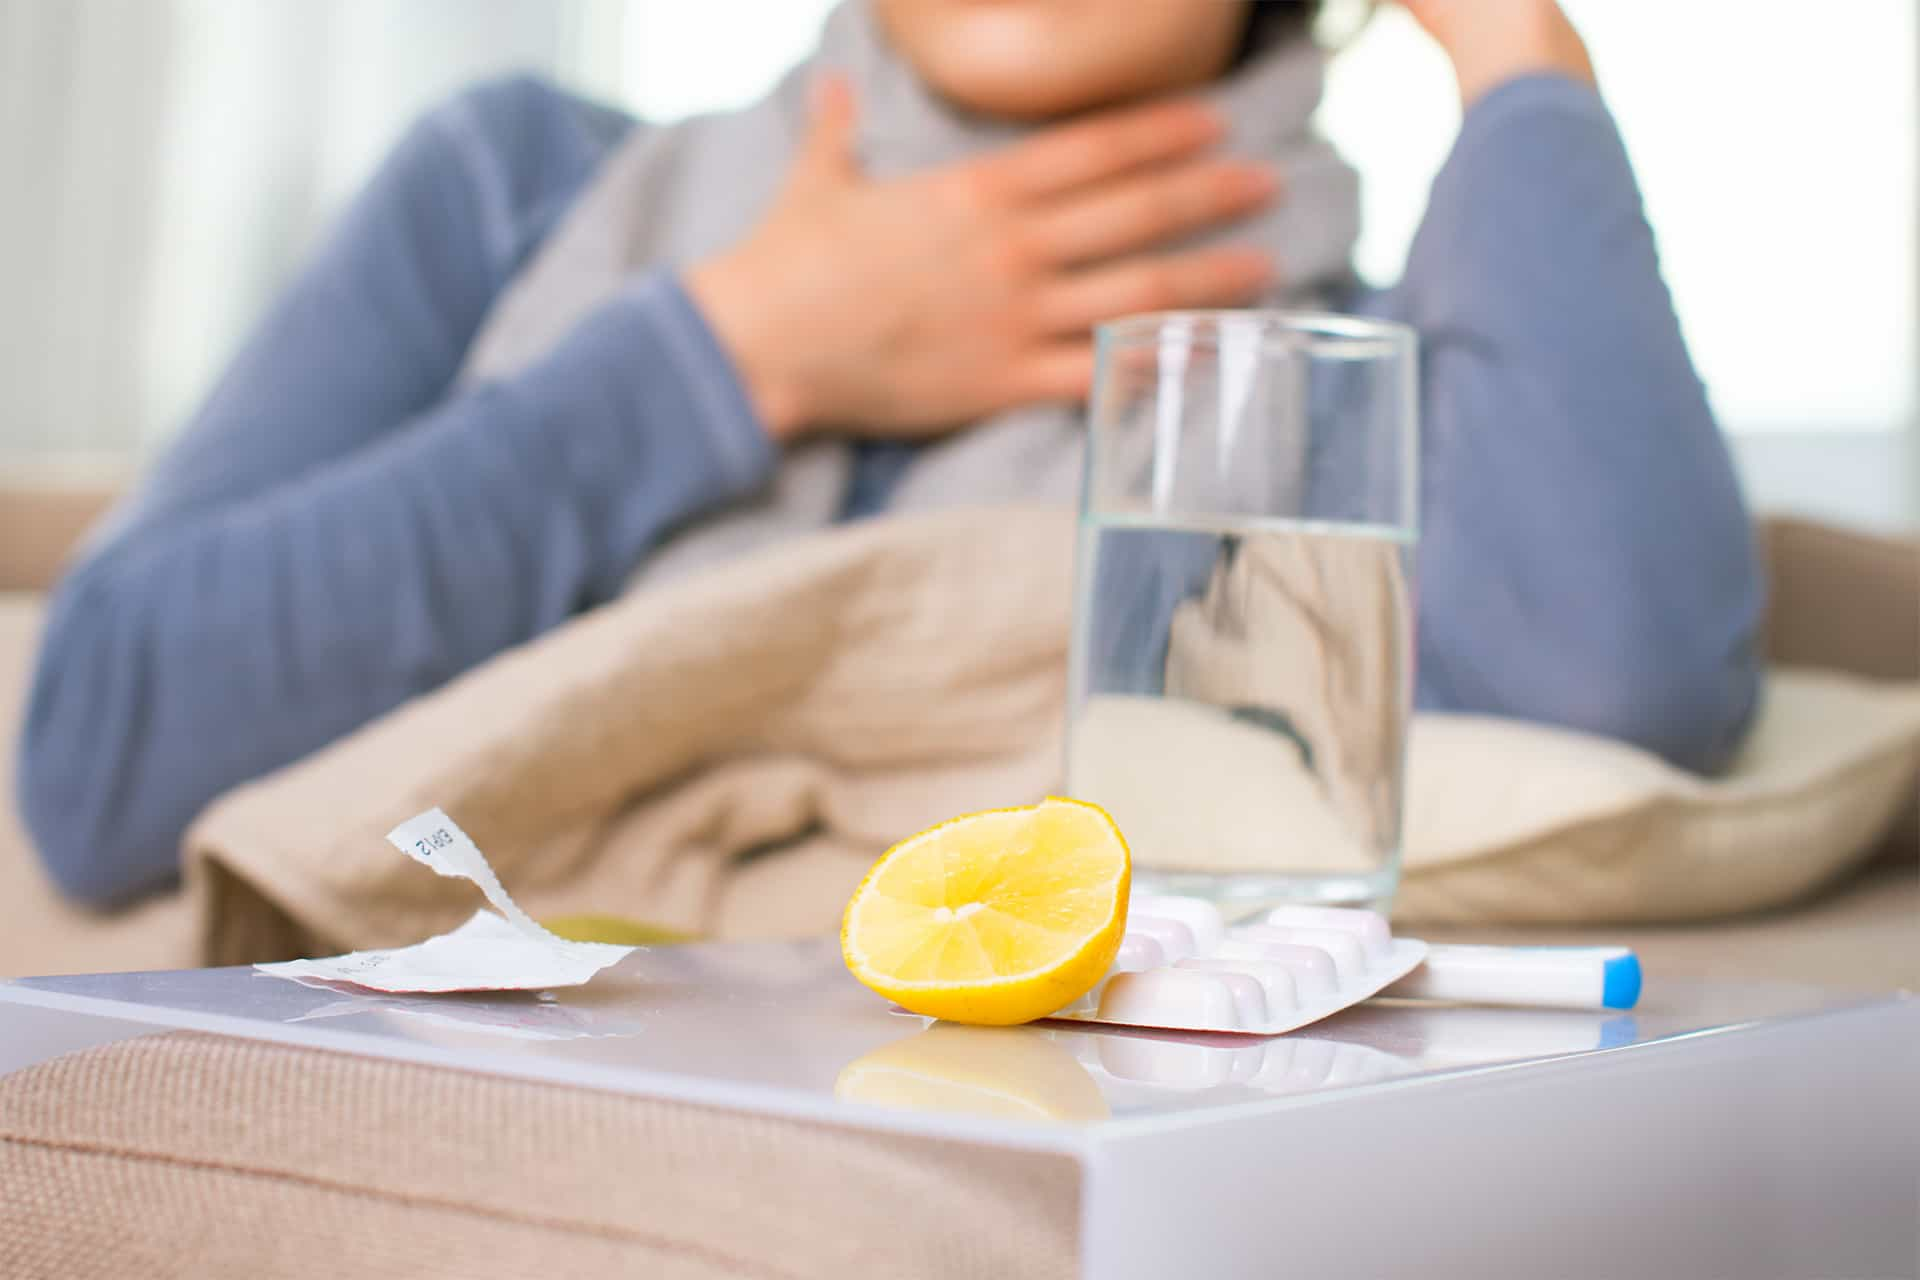 В Роспотребнадзоре рассказали, как действовать, если в семье заболели гриппом или COVID